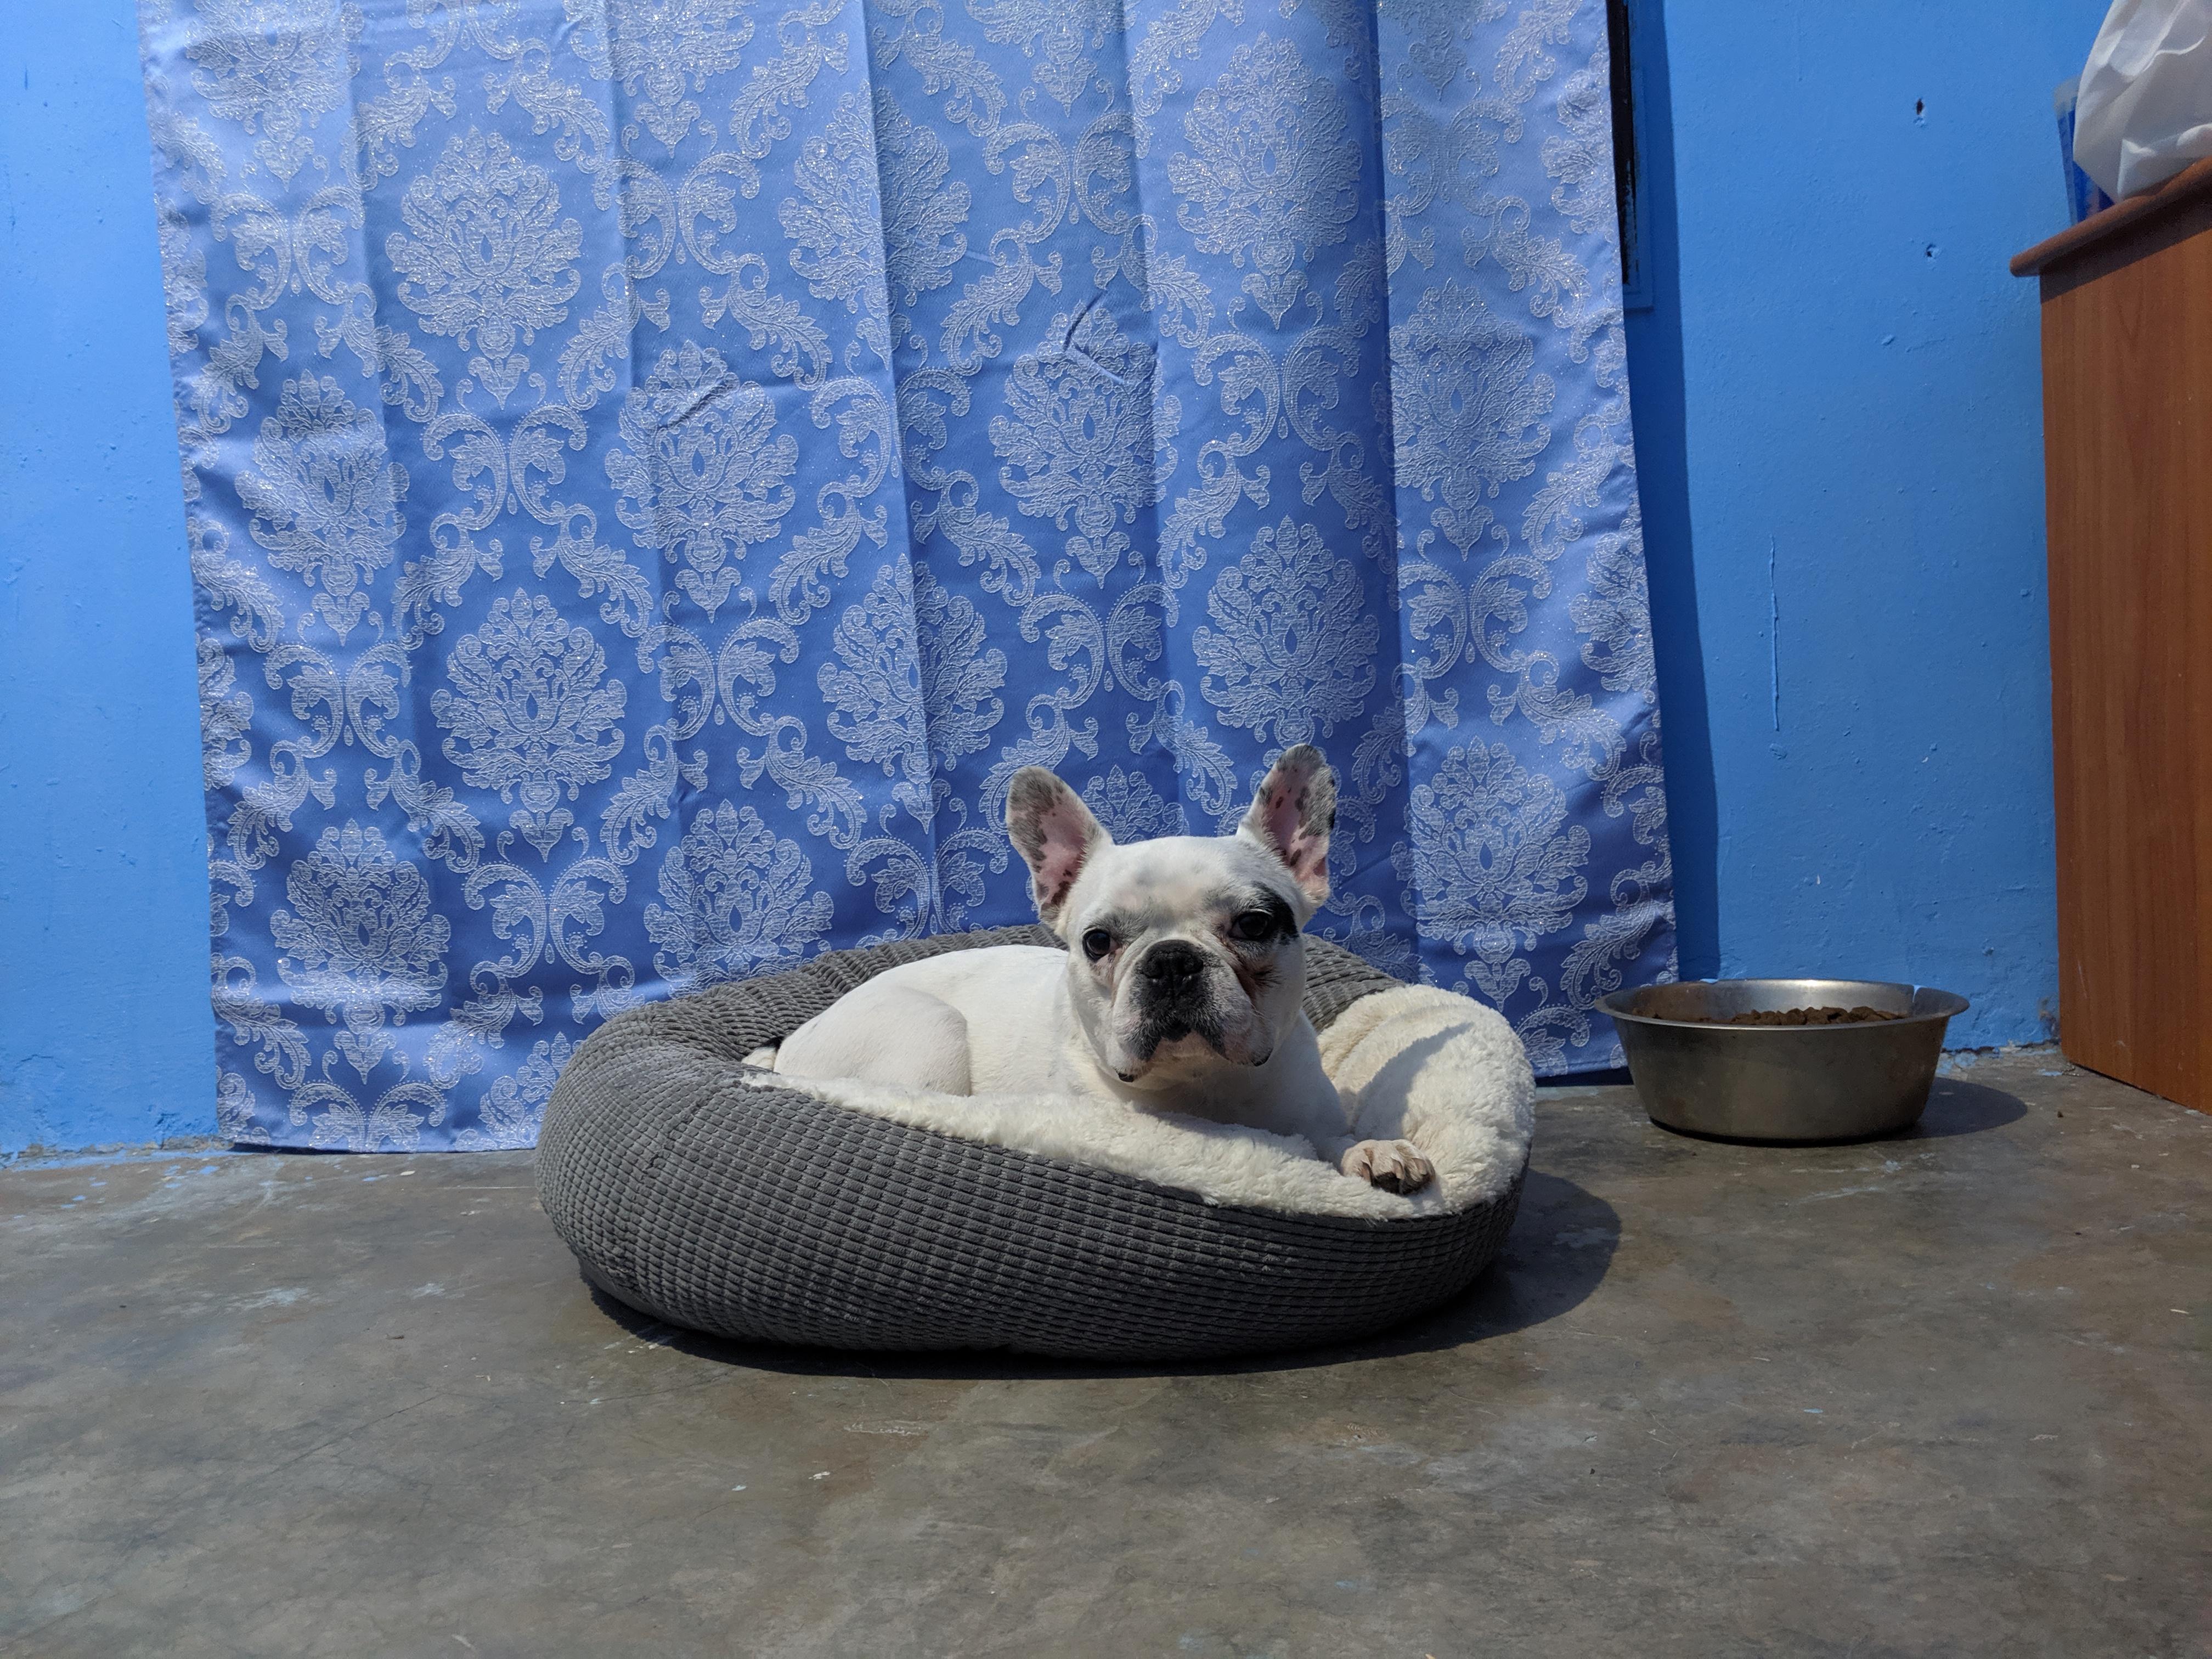 Pension pour chiens Dog Universe Marrakechnsion pour chiens Dog Universe Marrakech